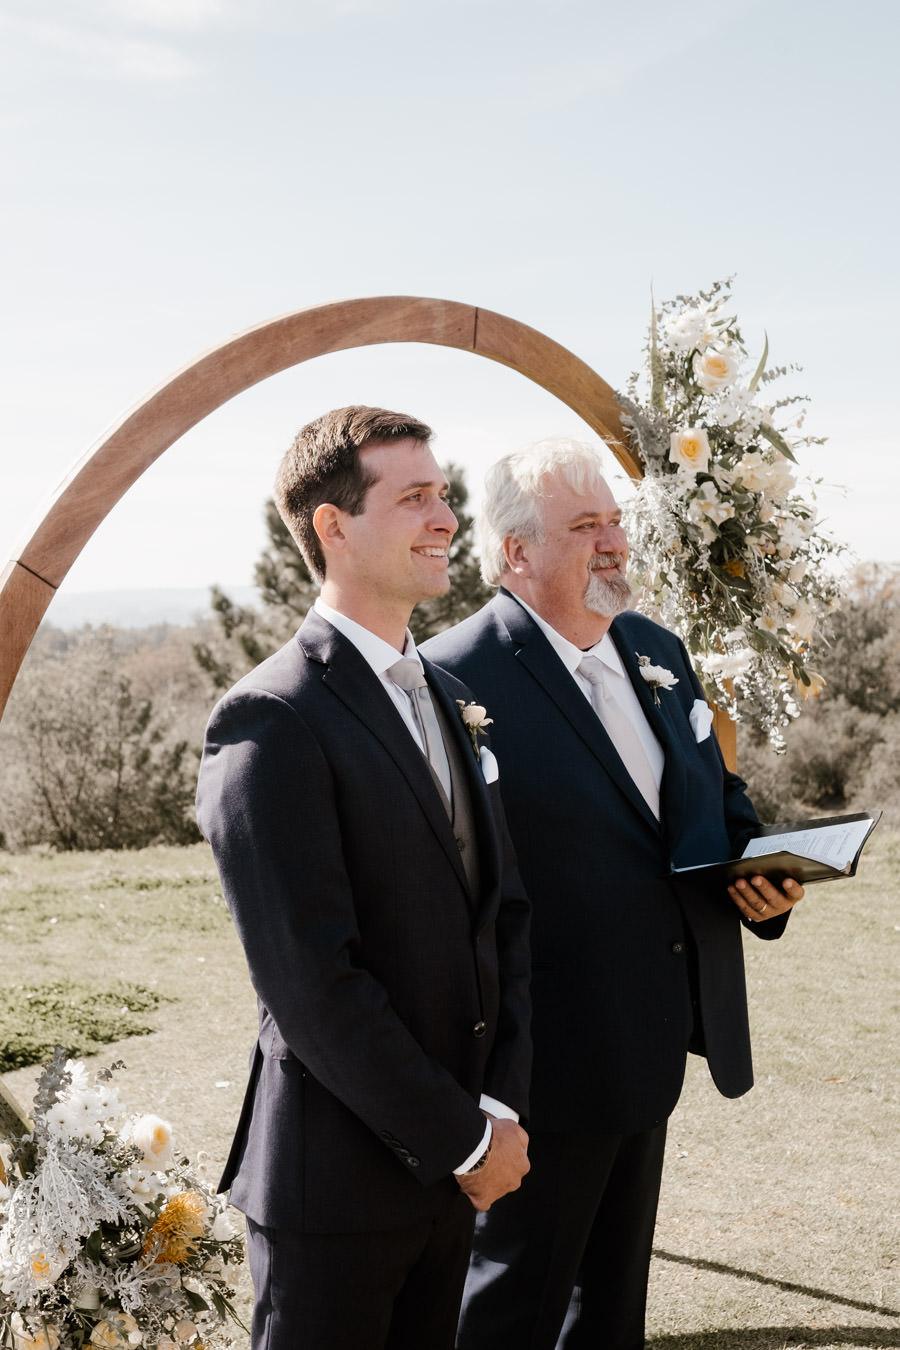 groom looking very happy seeing his bride down the aisle